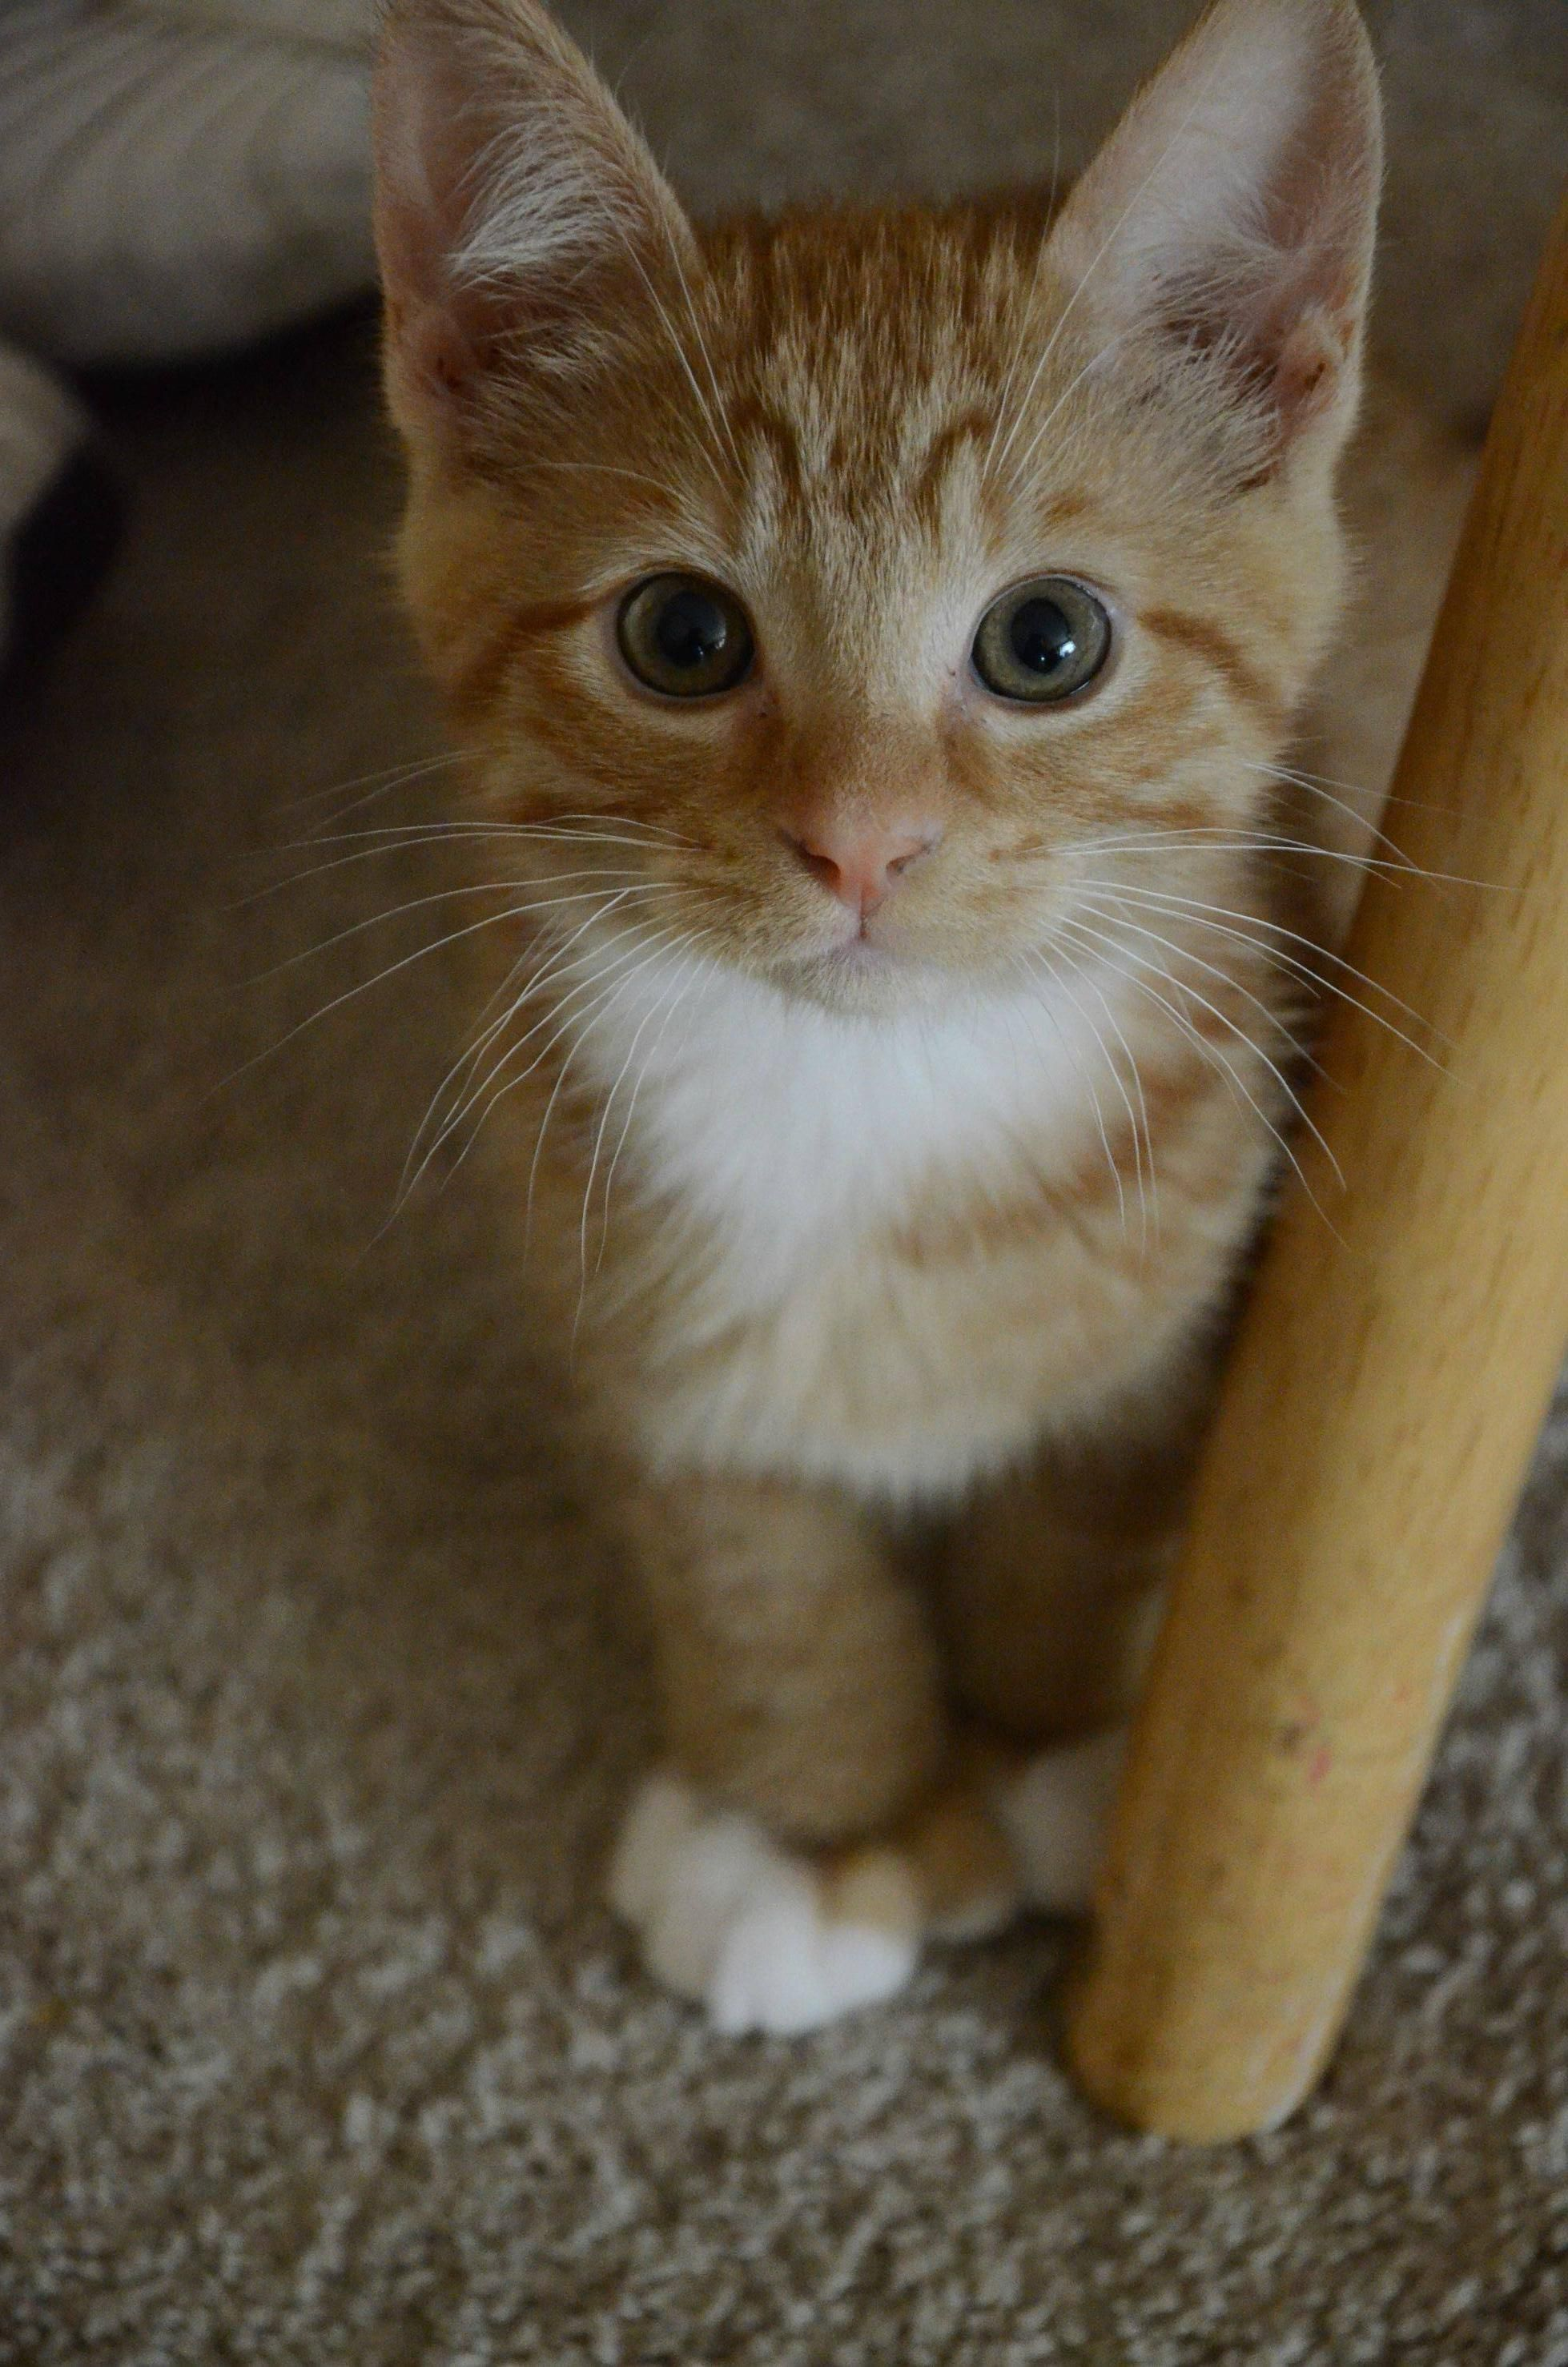 An Ordinary Kitten Will Ask More Questions Than Any Five Year Old Call Van Vechten Orangekittens Cute Cats Kittens Cutest Cats